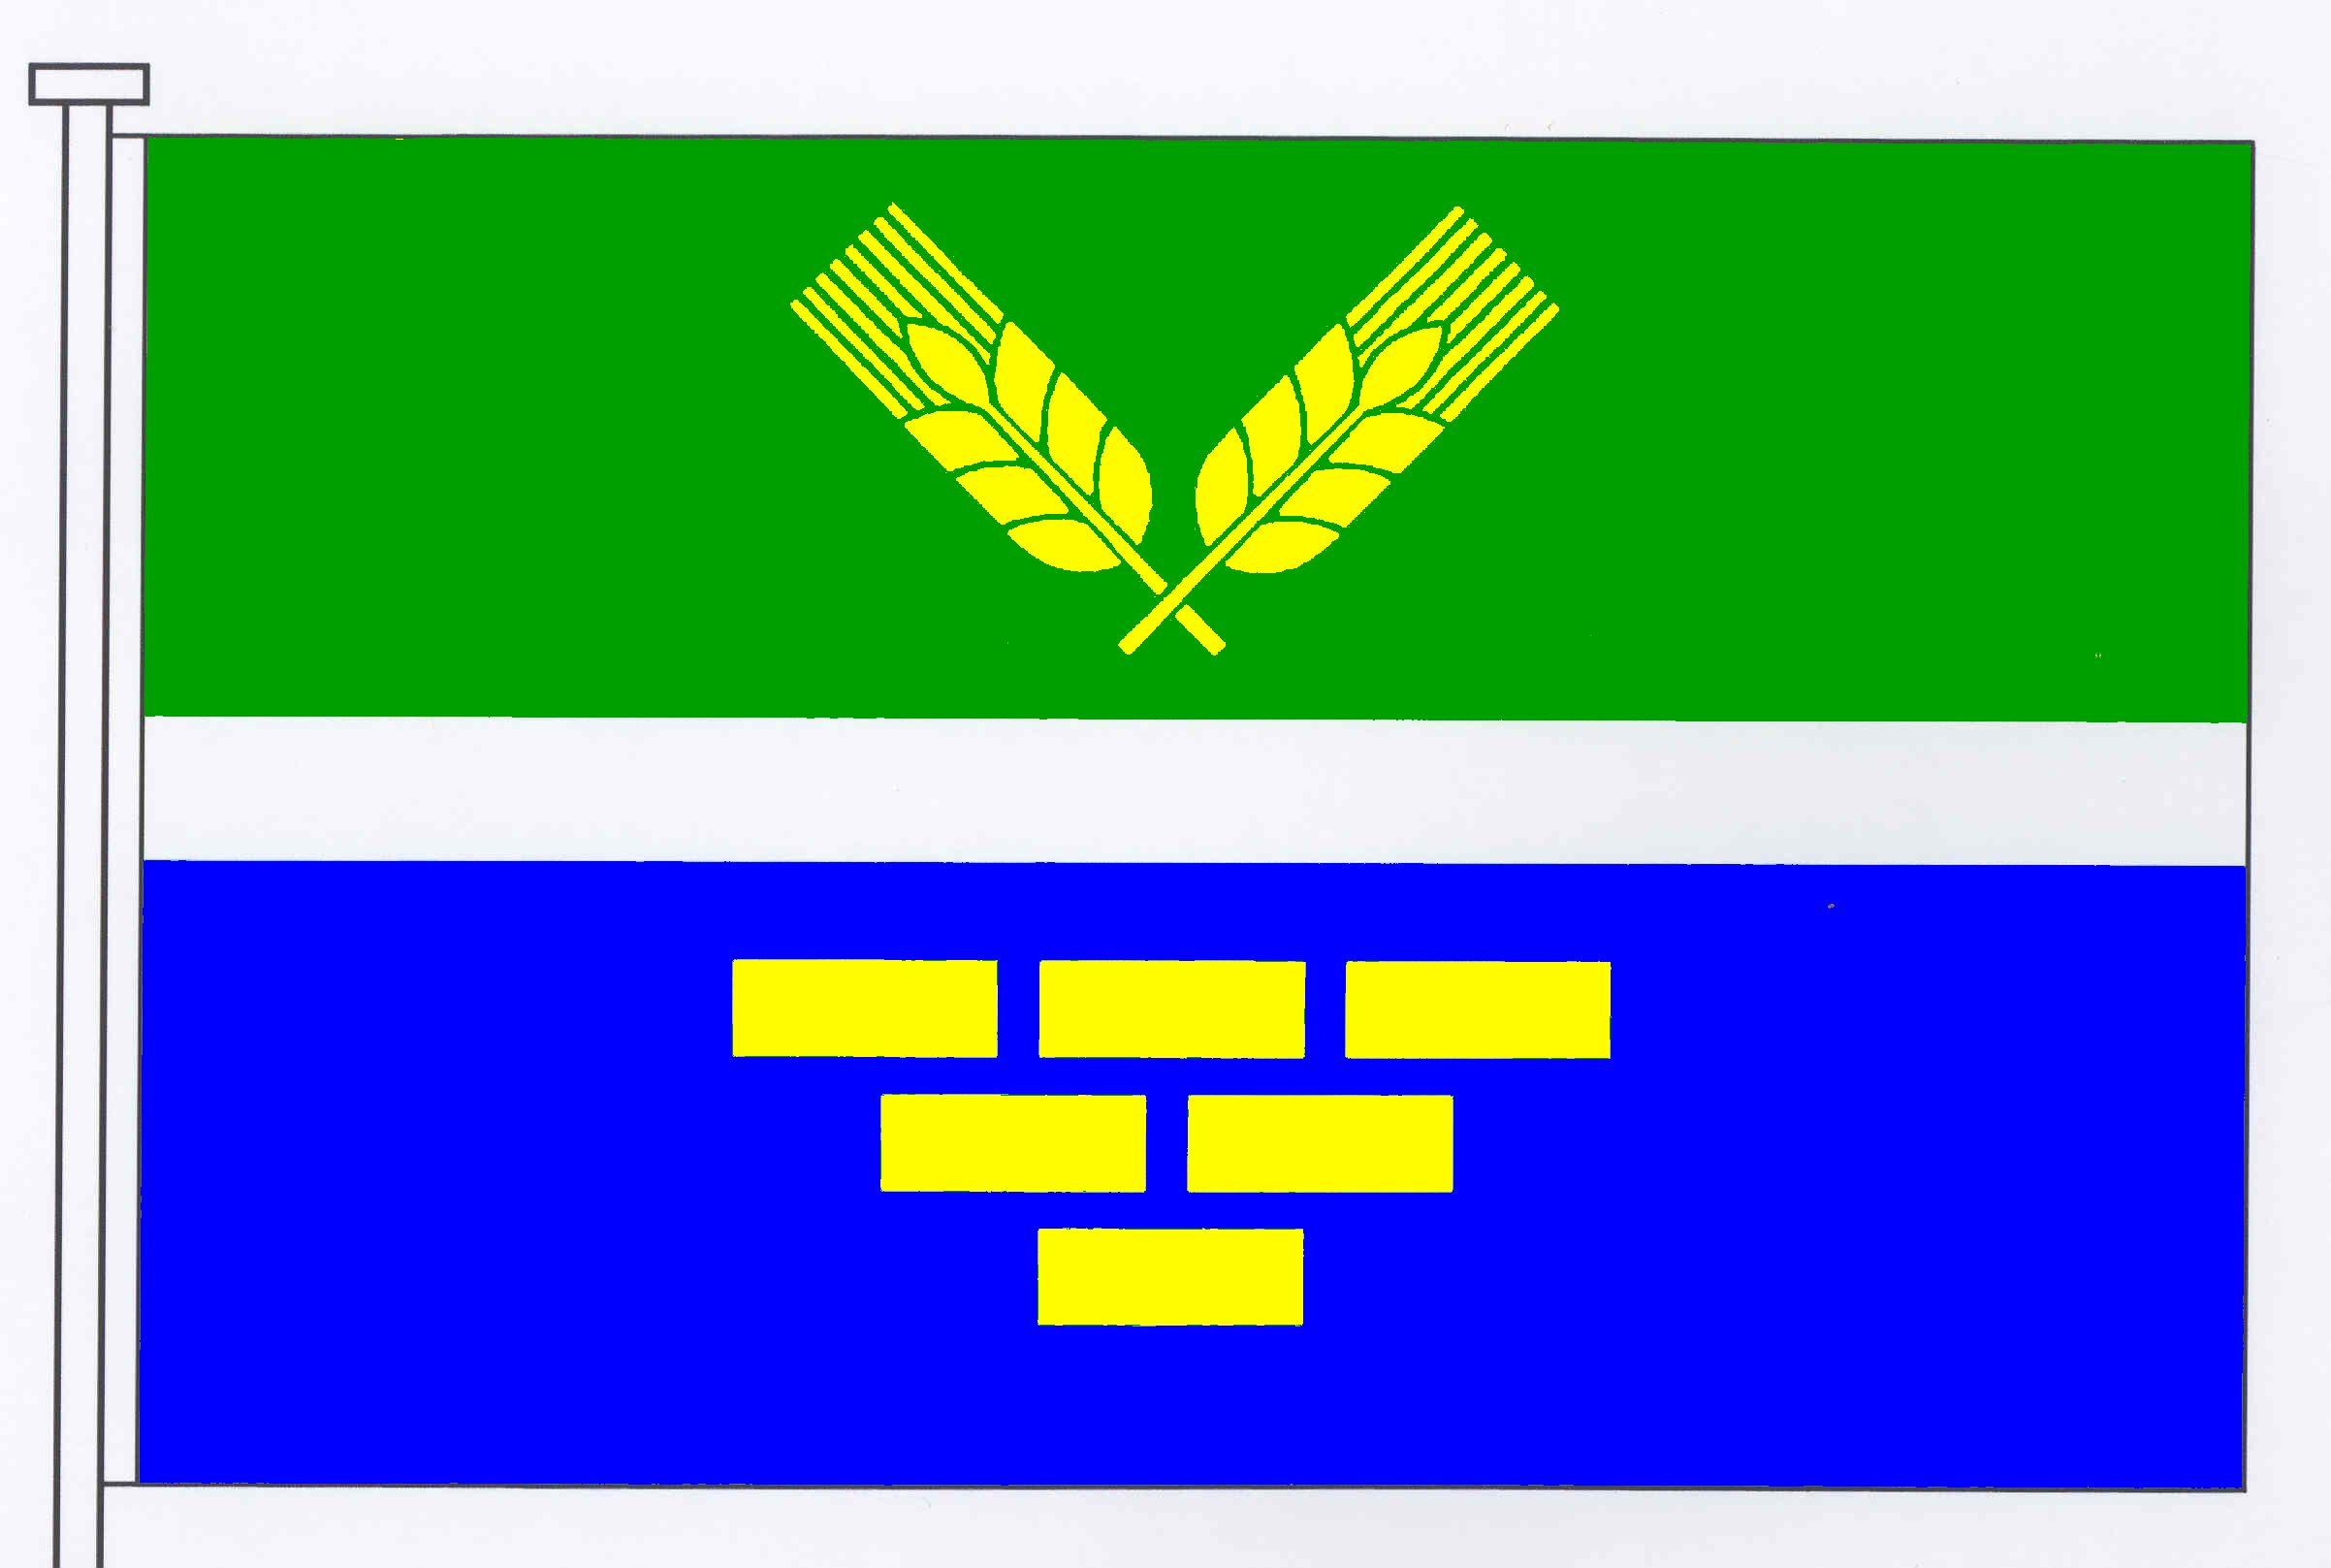 Flagge GemeindeRade, Kreis Rendsburg-Eckernförde